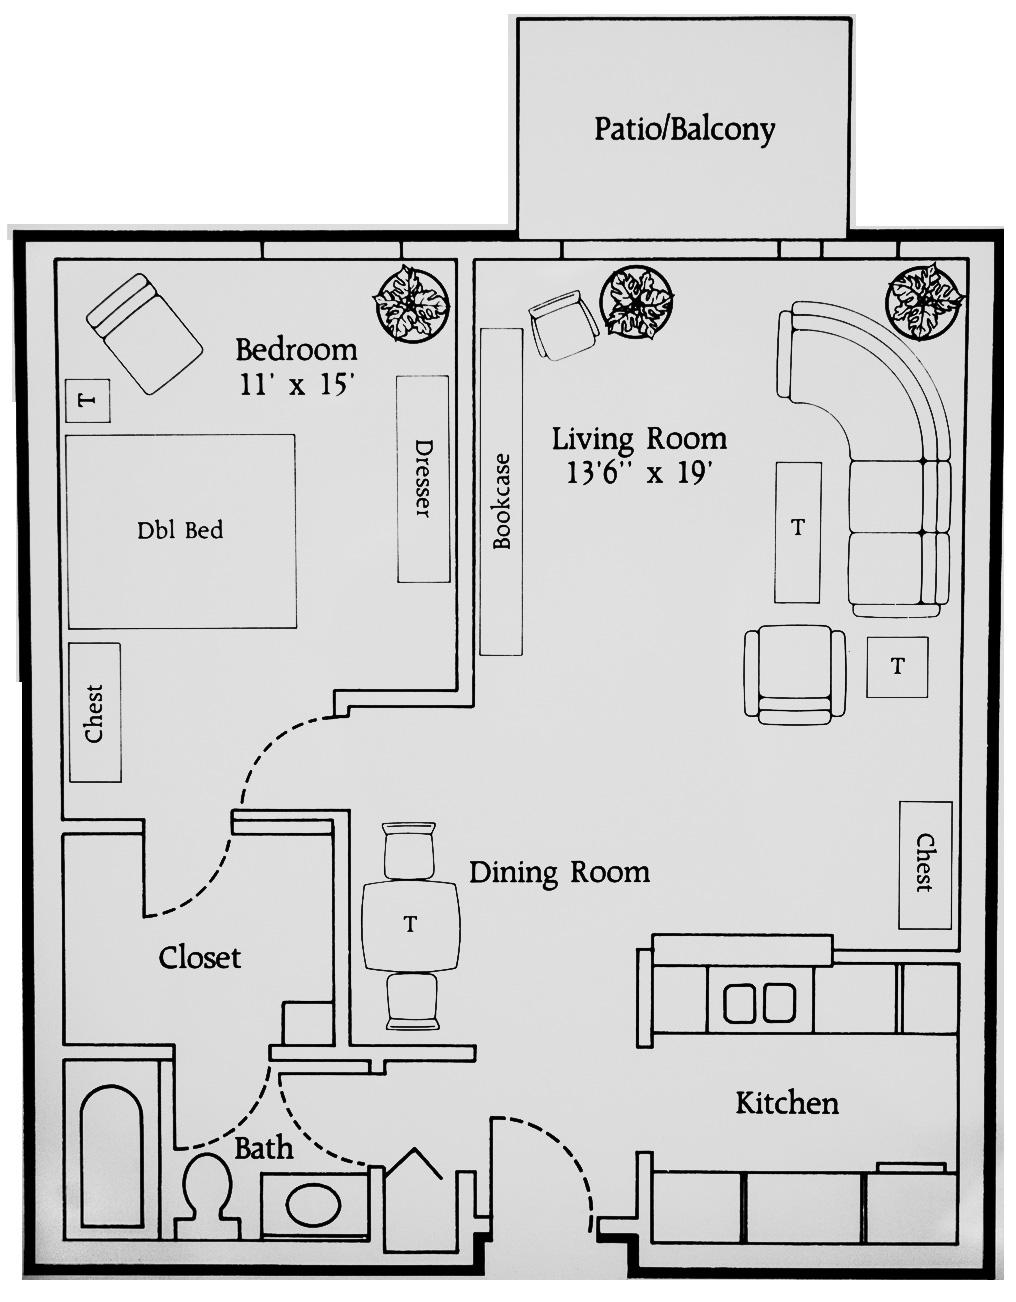 Rivers Edge Floor Plan 1 Bedroom